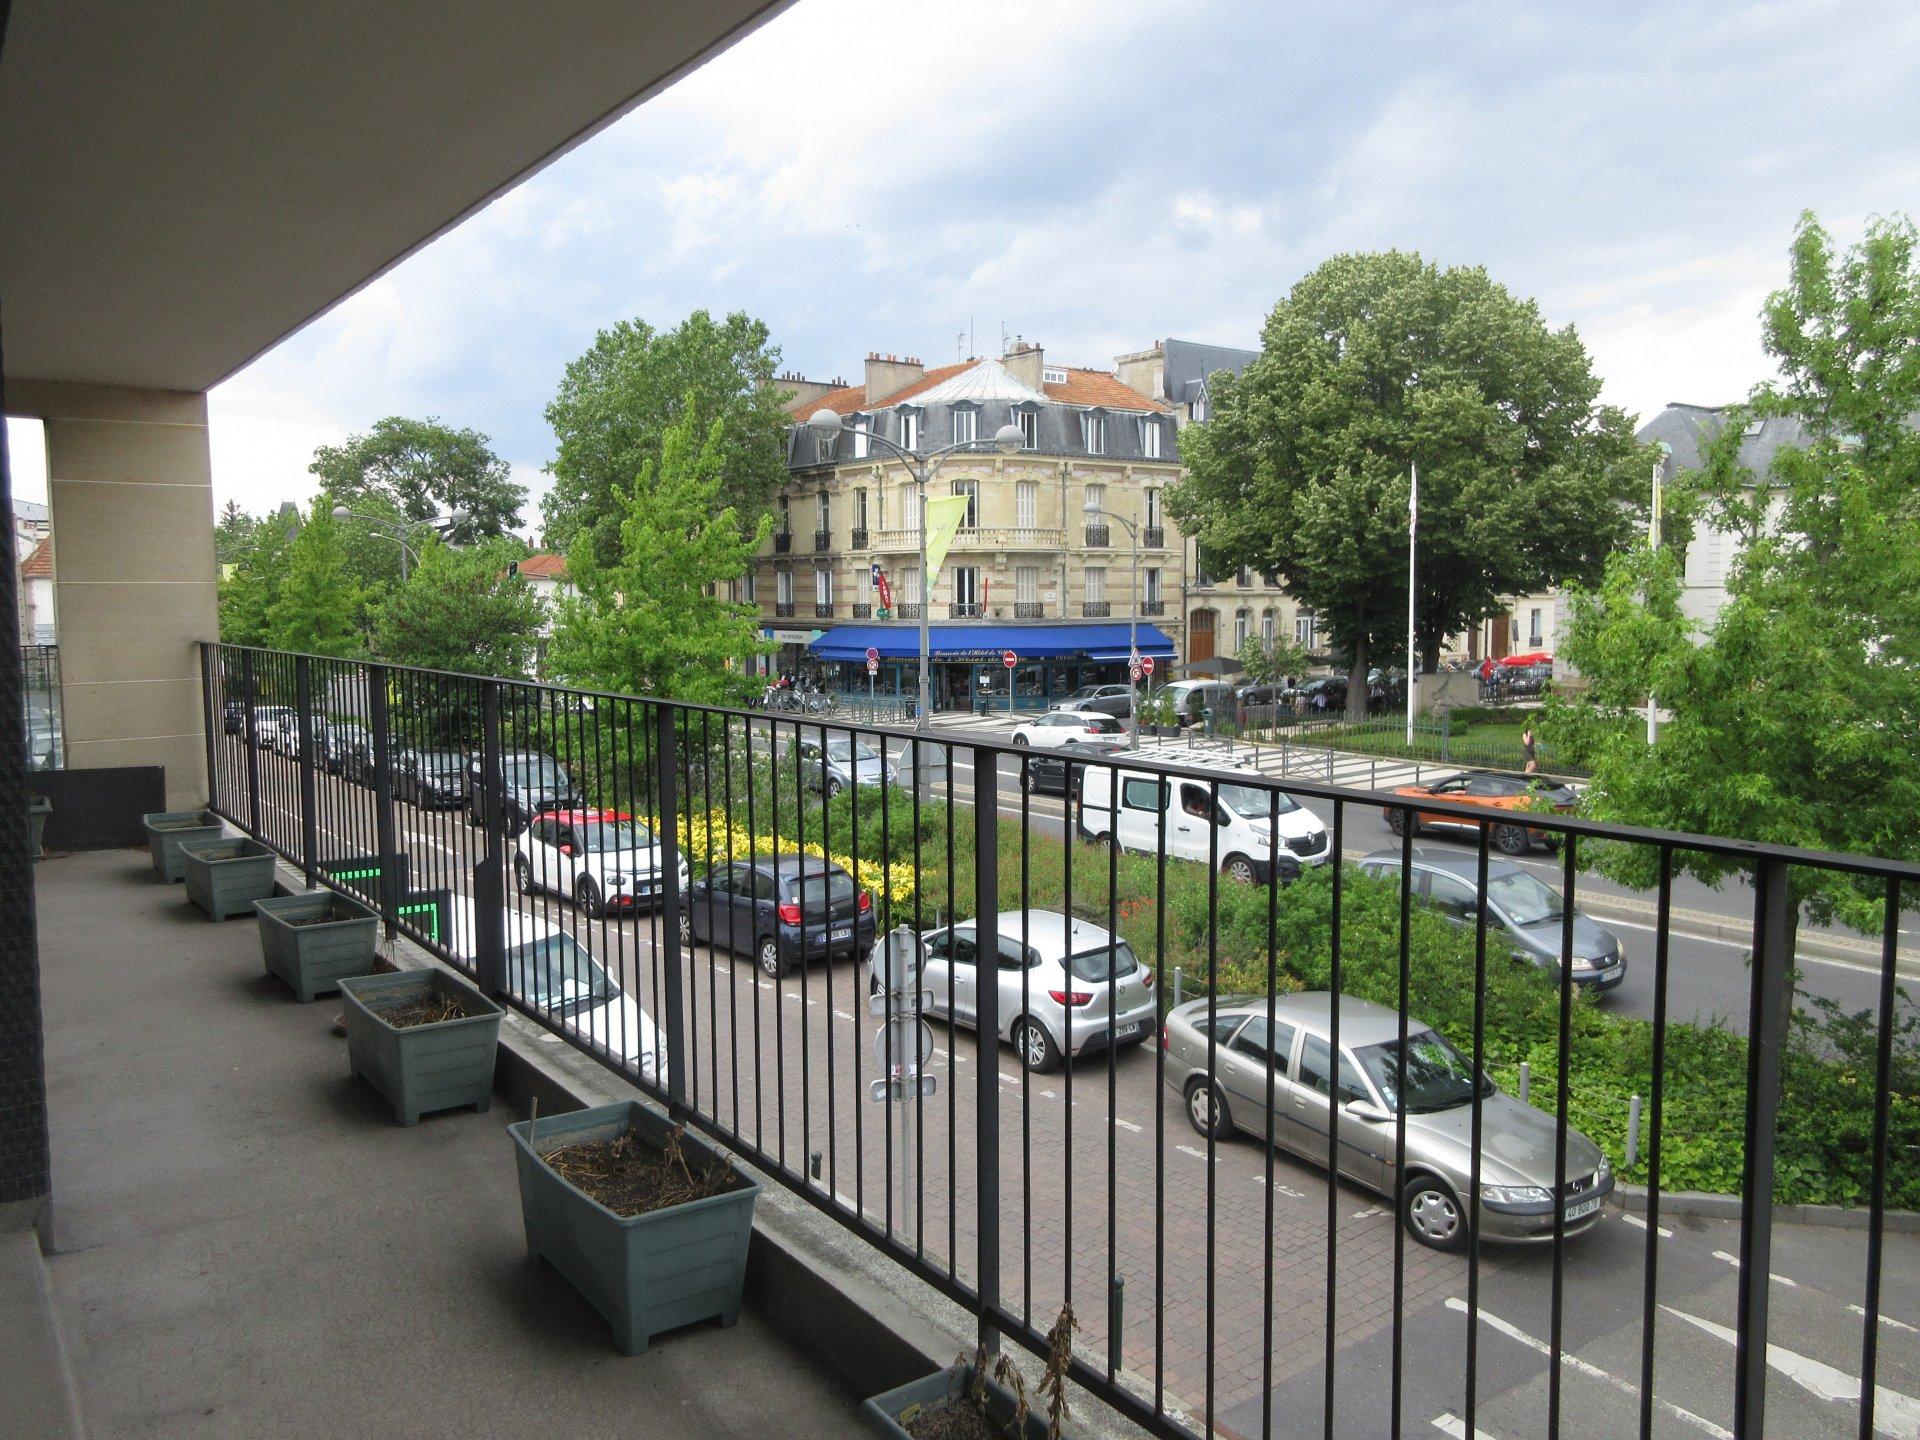 Chatou bas, à 3 min à pied du RER, des commerces et à proximité immédiate des écoles.